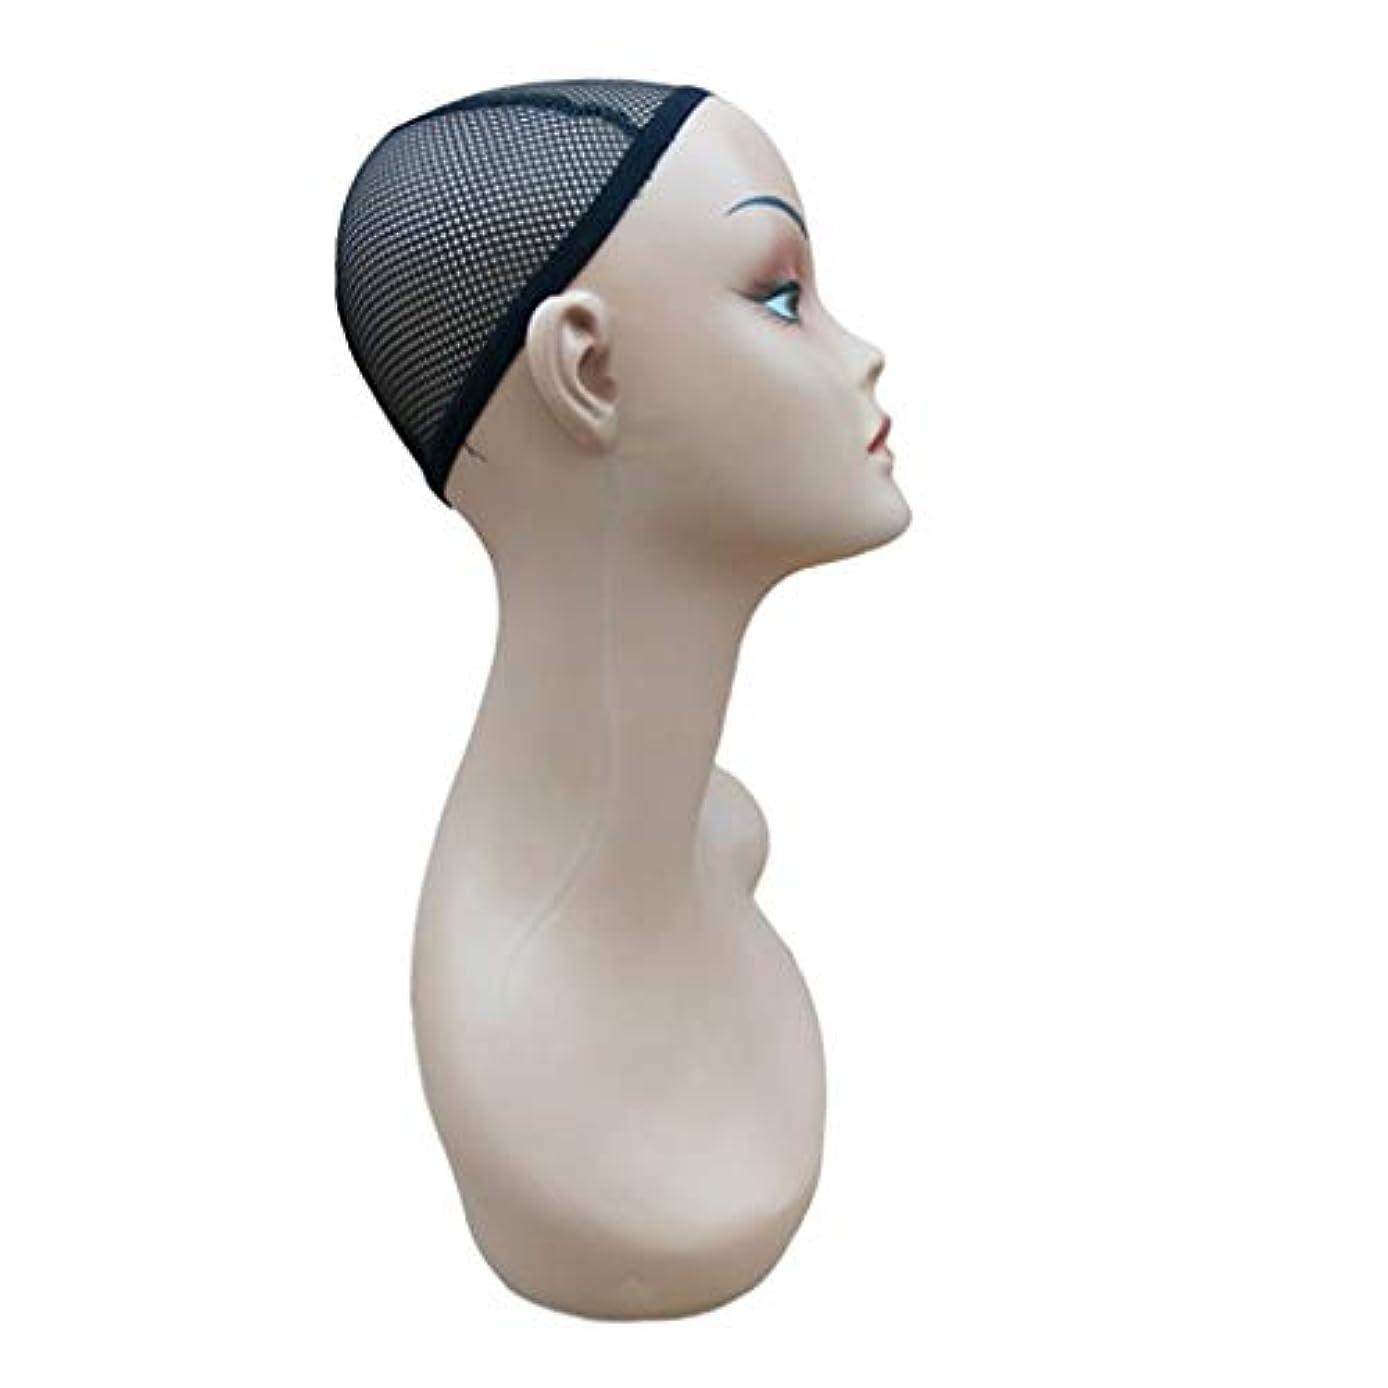 カートンよく話される怒ってDYNWAVE マネキンヘッド ヘッドモデル ディスプレイ ネックレス ジュエリー 帽子スタンド